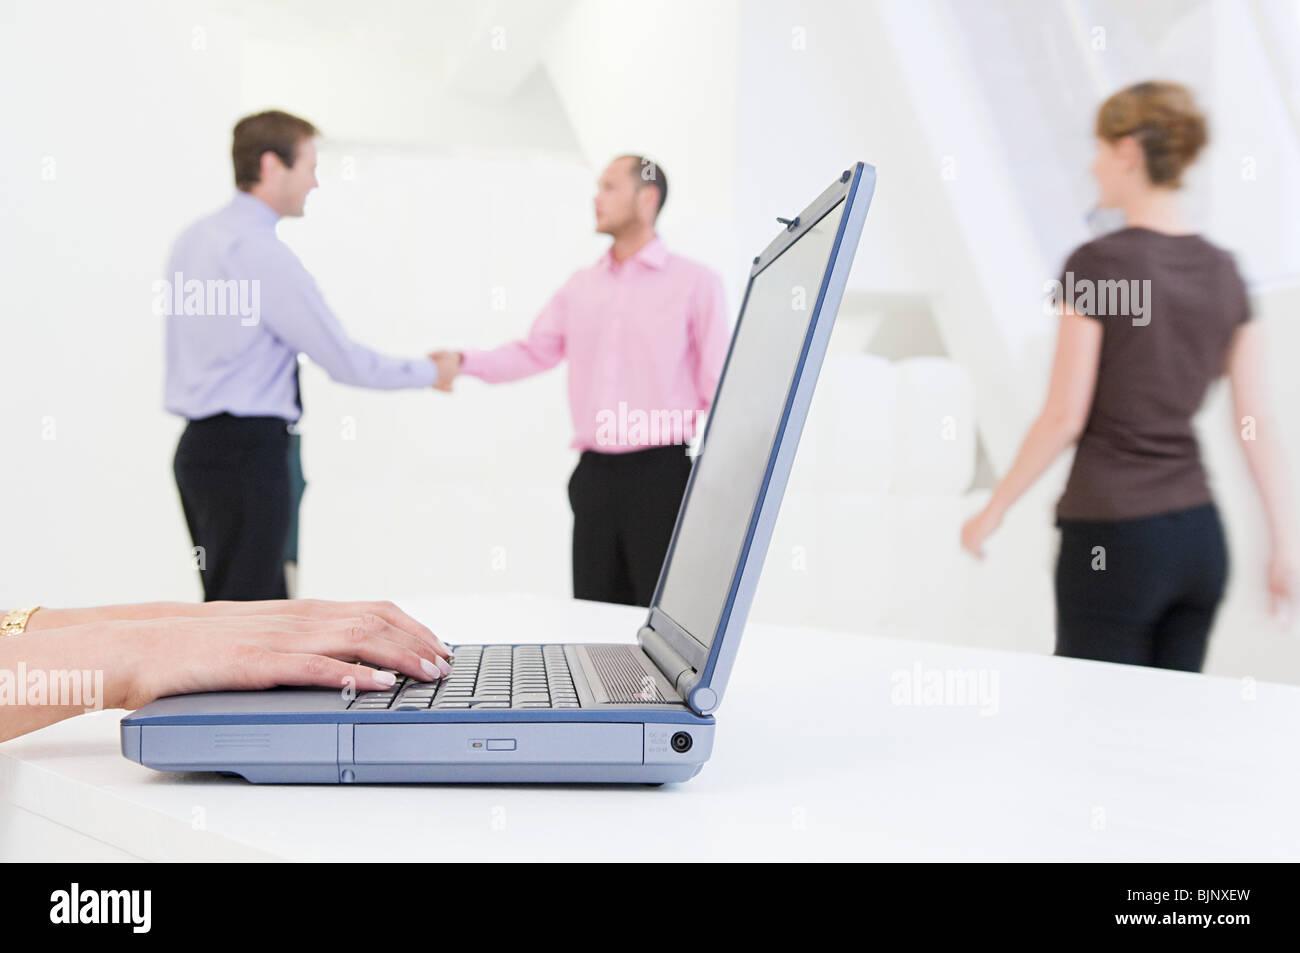 Eine Person auf einem Laptop eingeben Stockbild